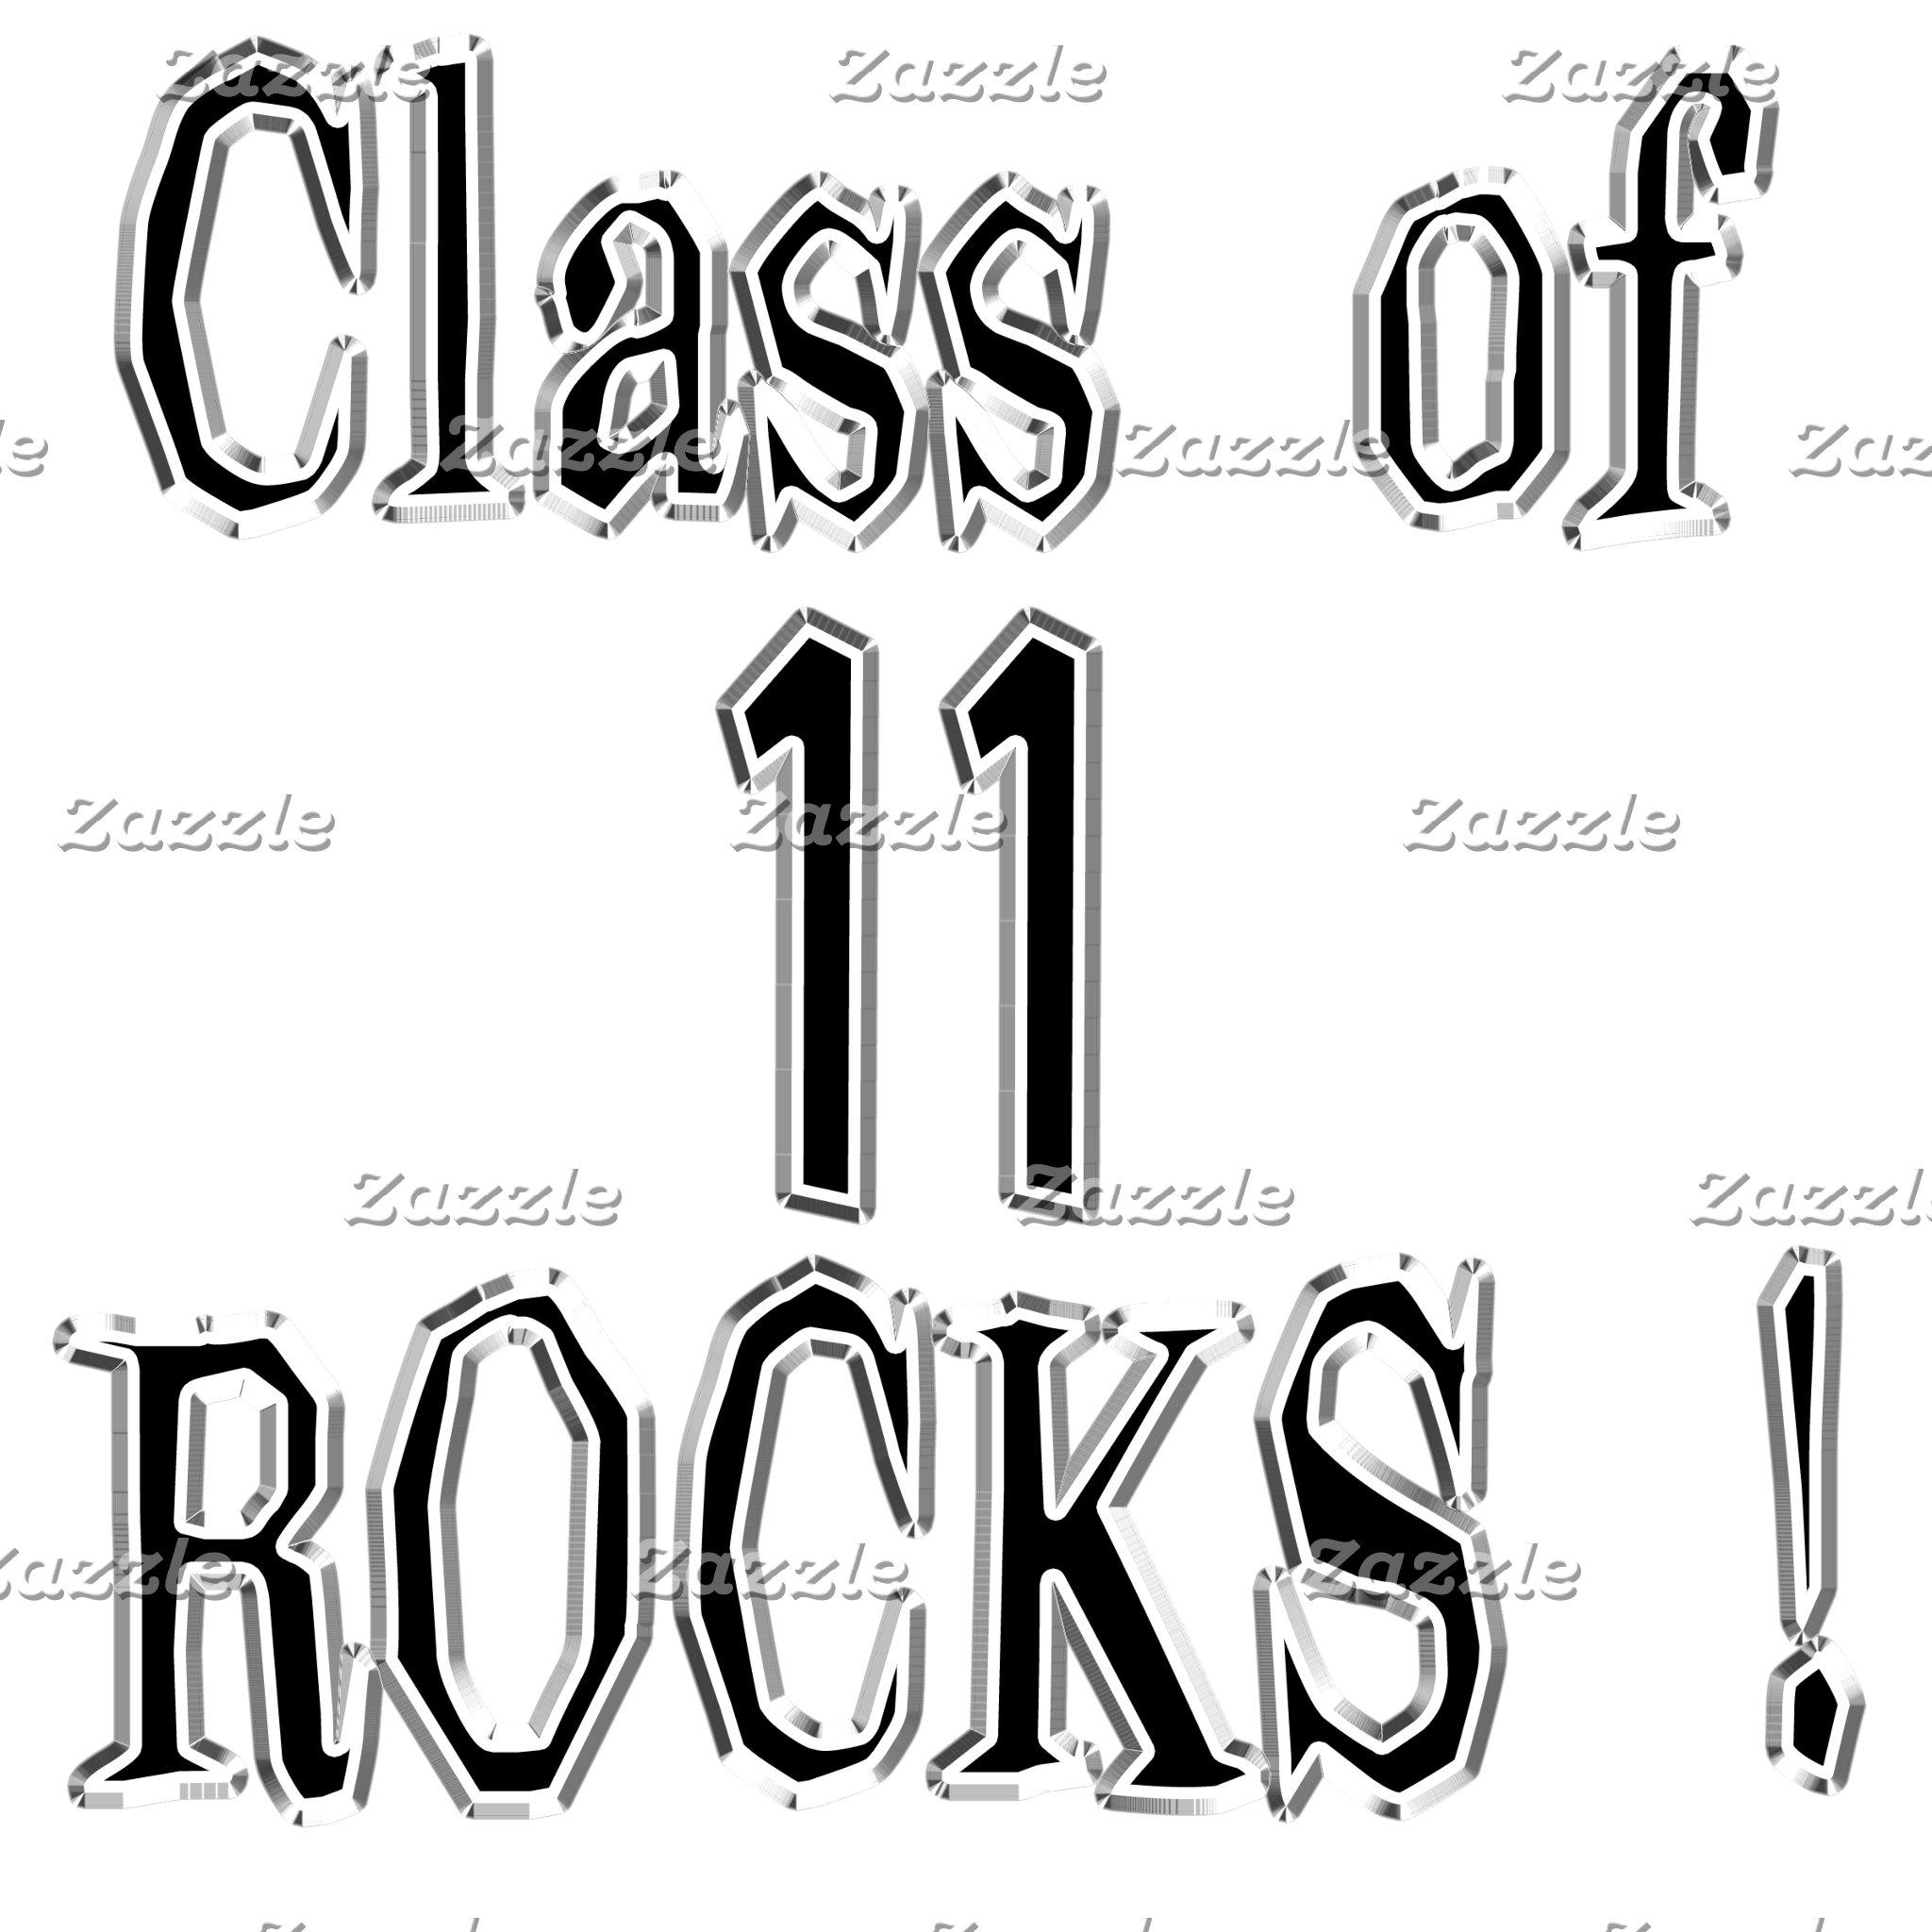 Graduating Classes Rock